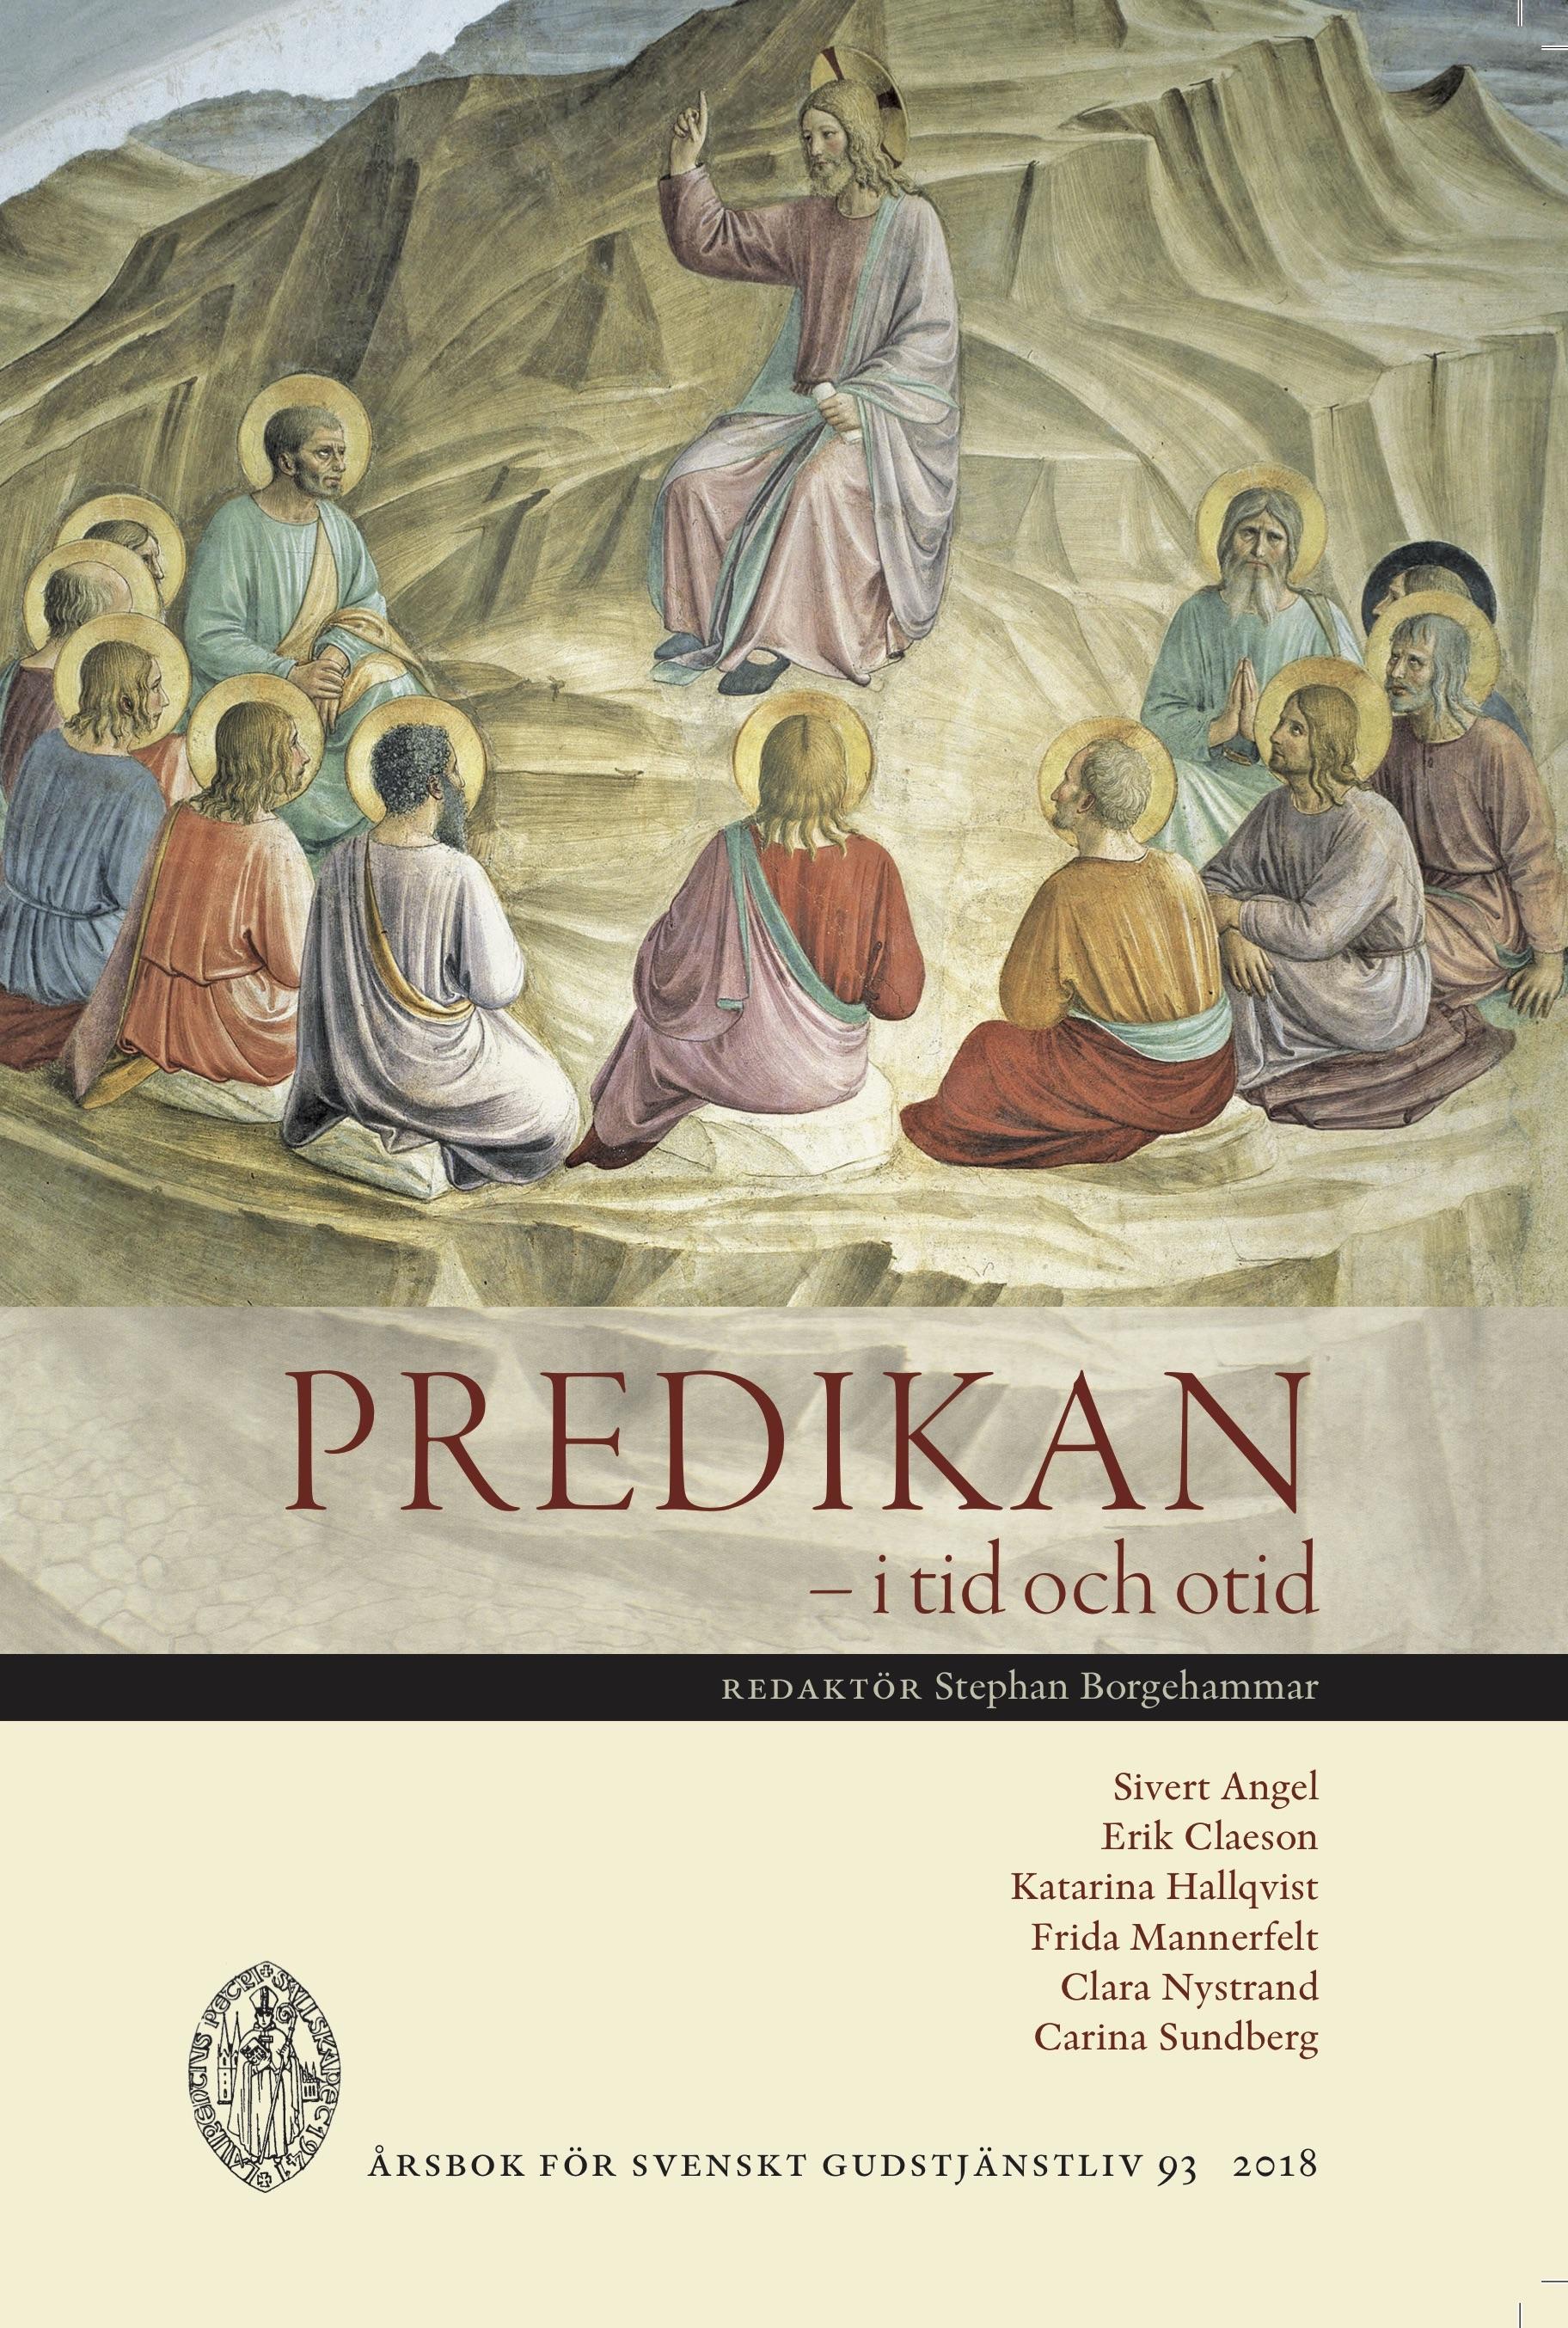 Visa Vol 93 (2018): Predikan – i tid och otid